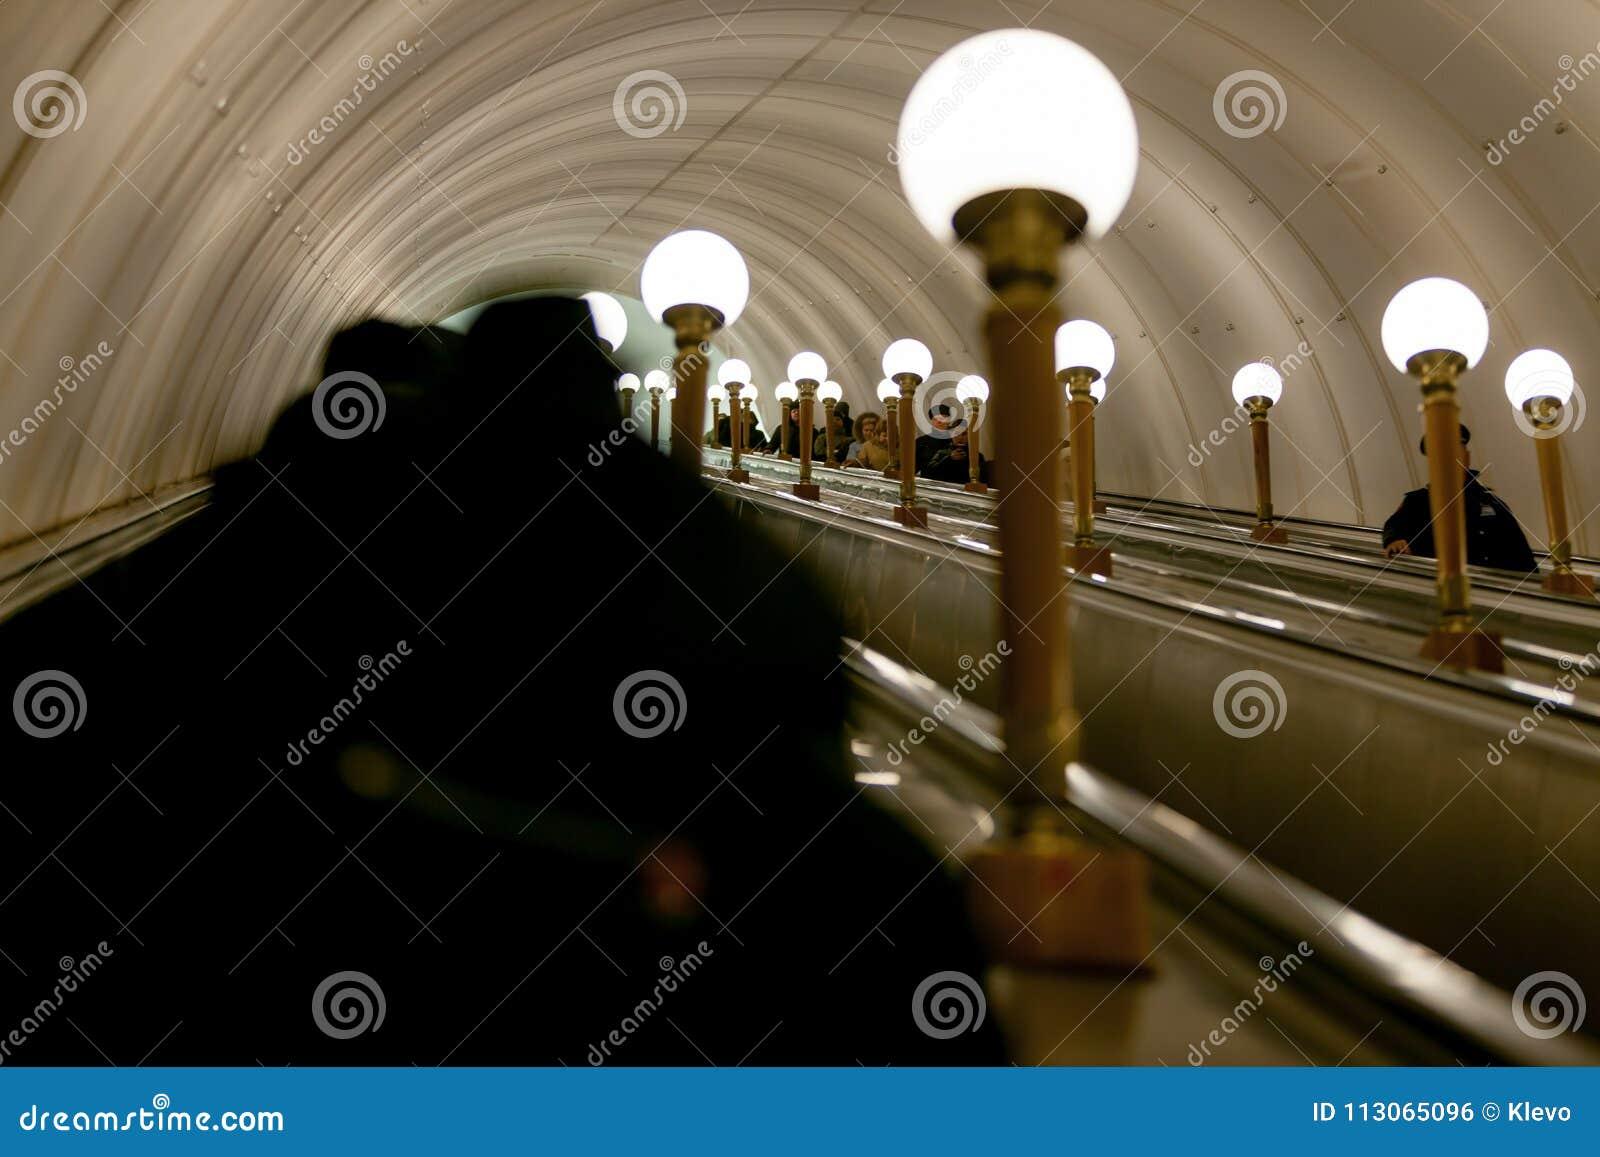 MOSKOU, RUSLAND - MAART 12, 2018: De mensen dalen aan de metro op een roltrap bij de metro post Prospekt Mira, een ringsweg